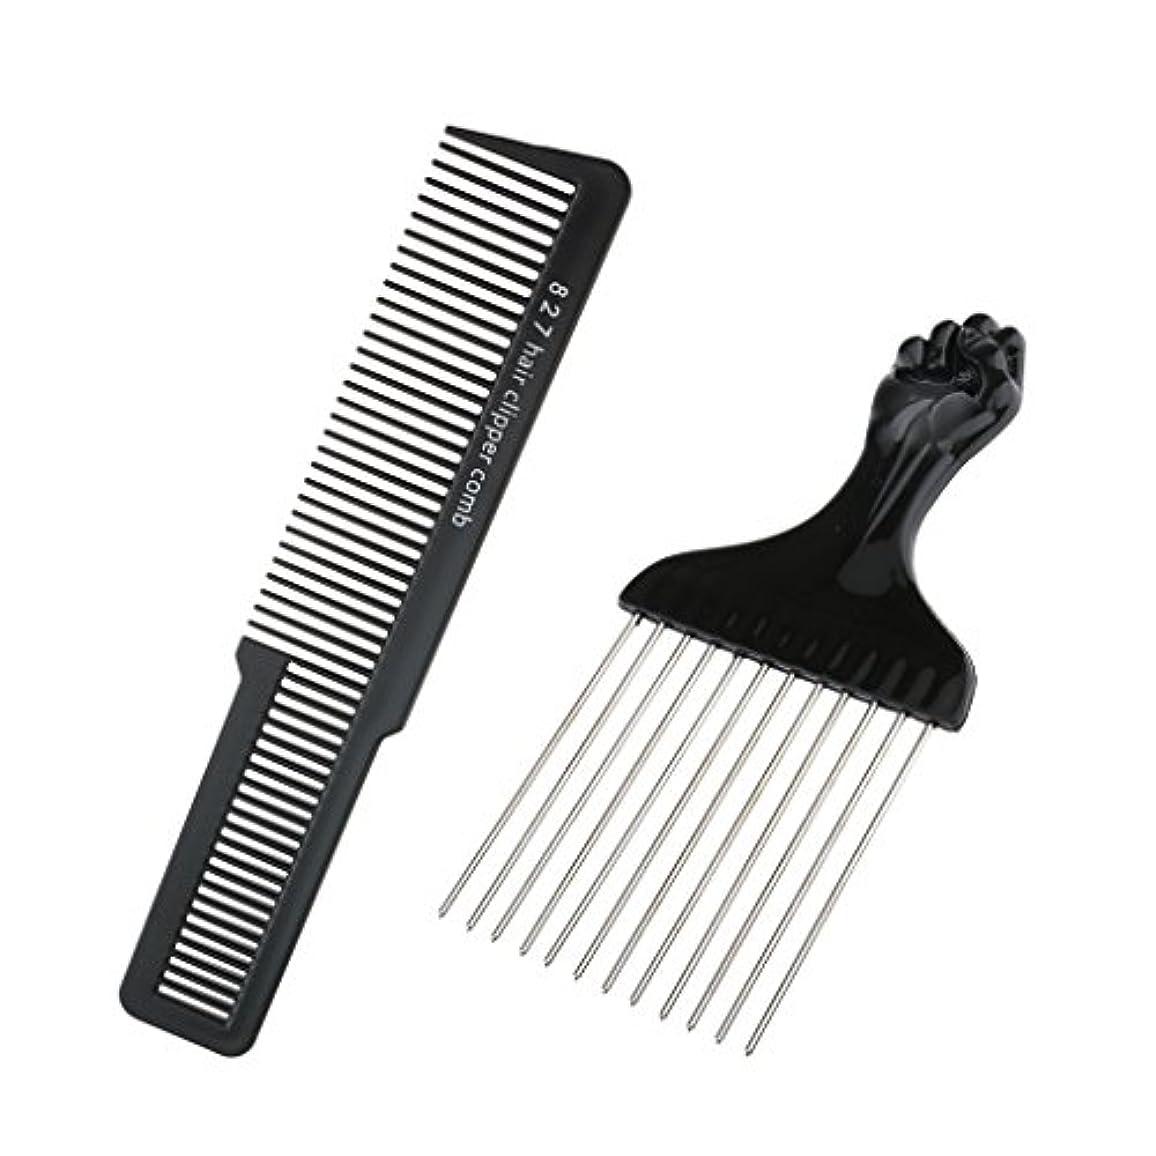 調和のとれた結果美容院の理髪師のヘアスタイリングセットの毛の切断のクリッパーの櫛セットが付いている黒いステンレス鋼のアフロピックブラシ